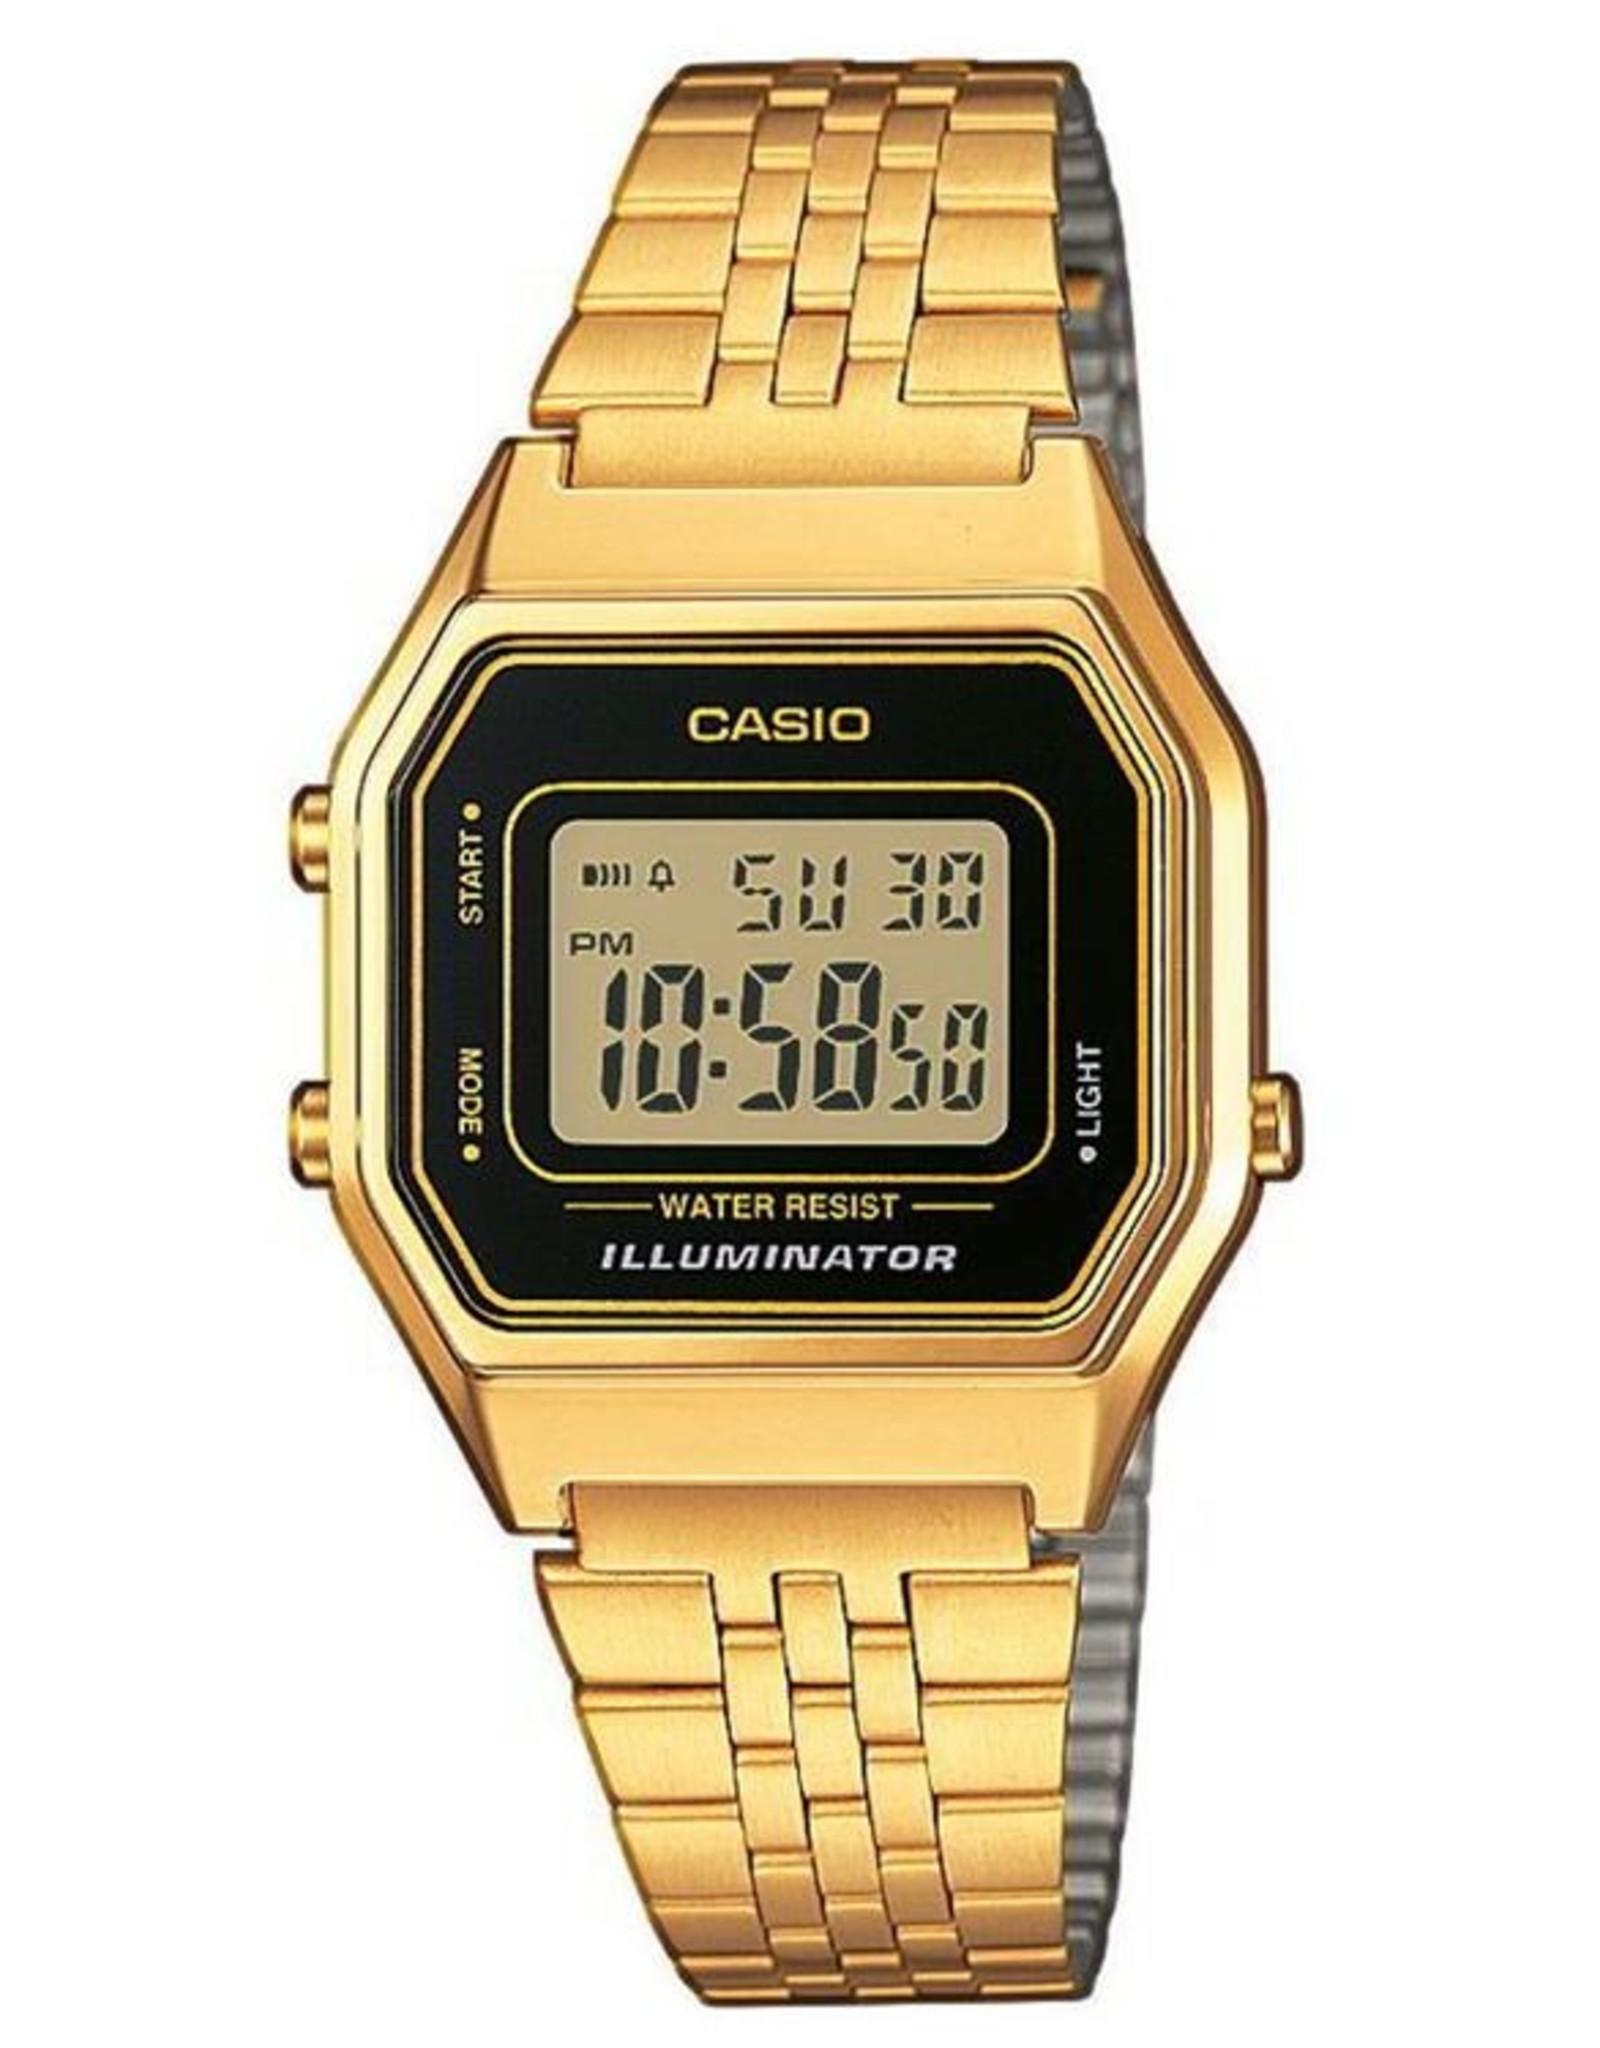 Casio la680wega-1er